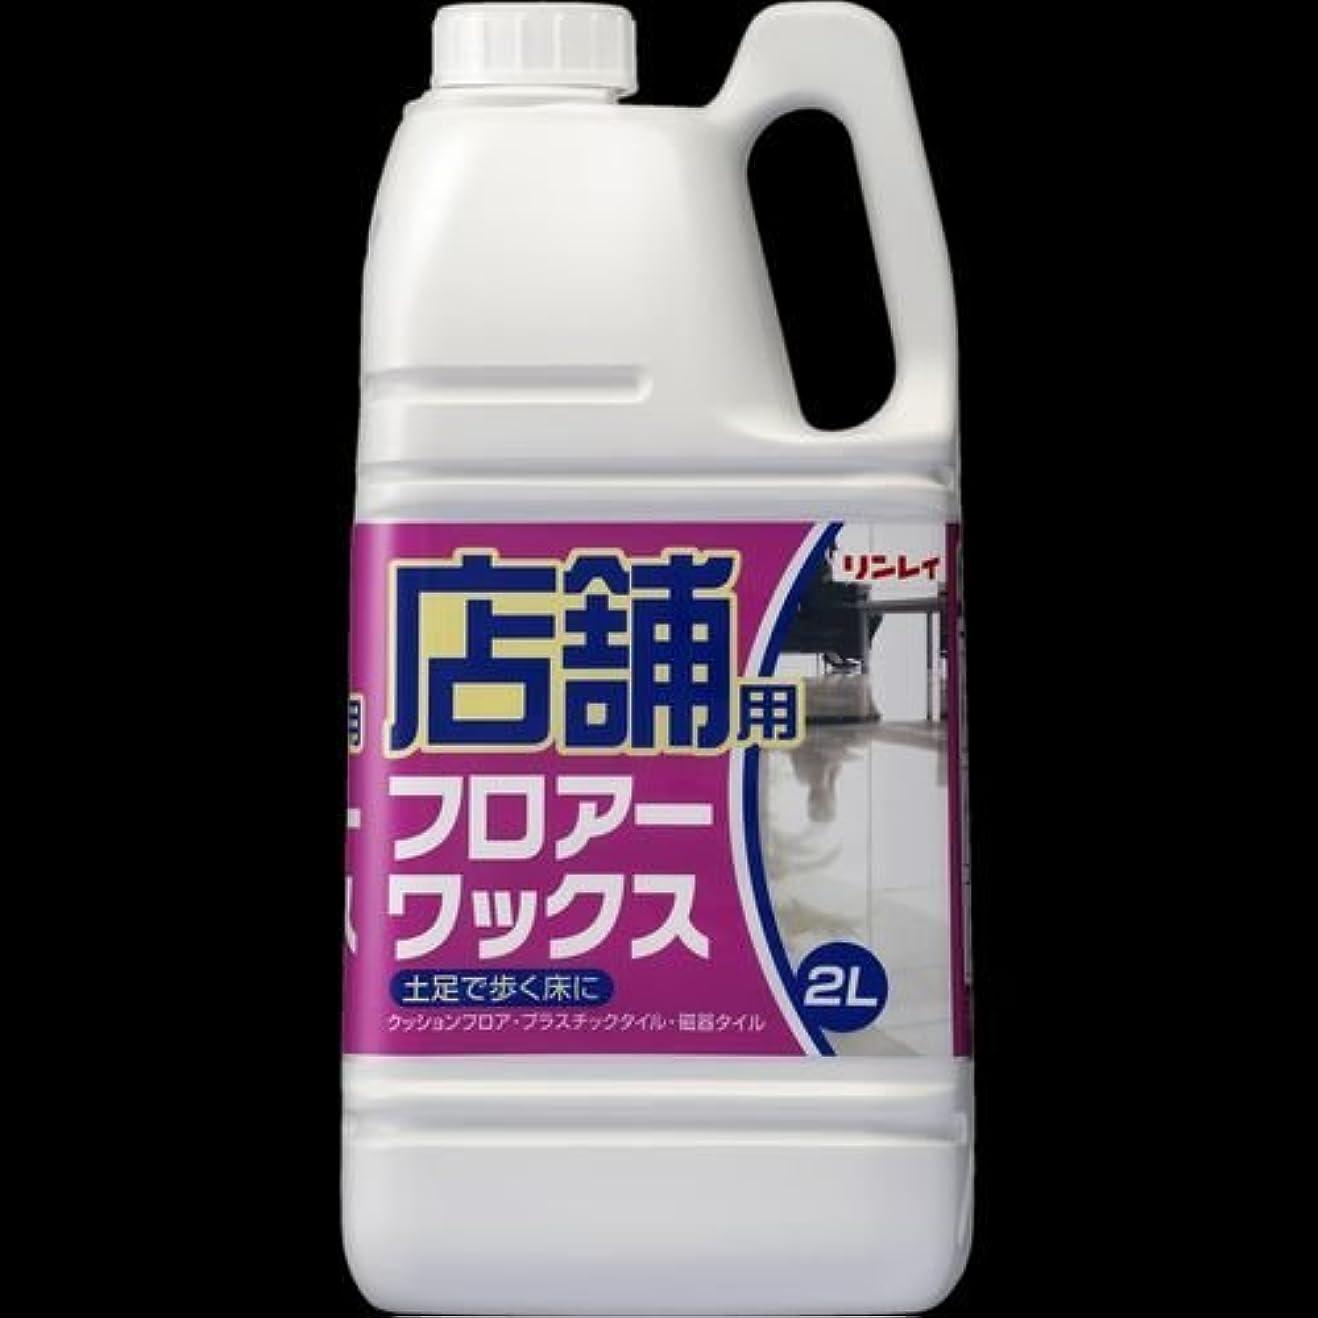 【まとめ買い】店舗用フロアーワックス 2L ×2セット